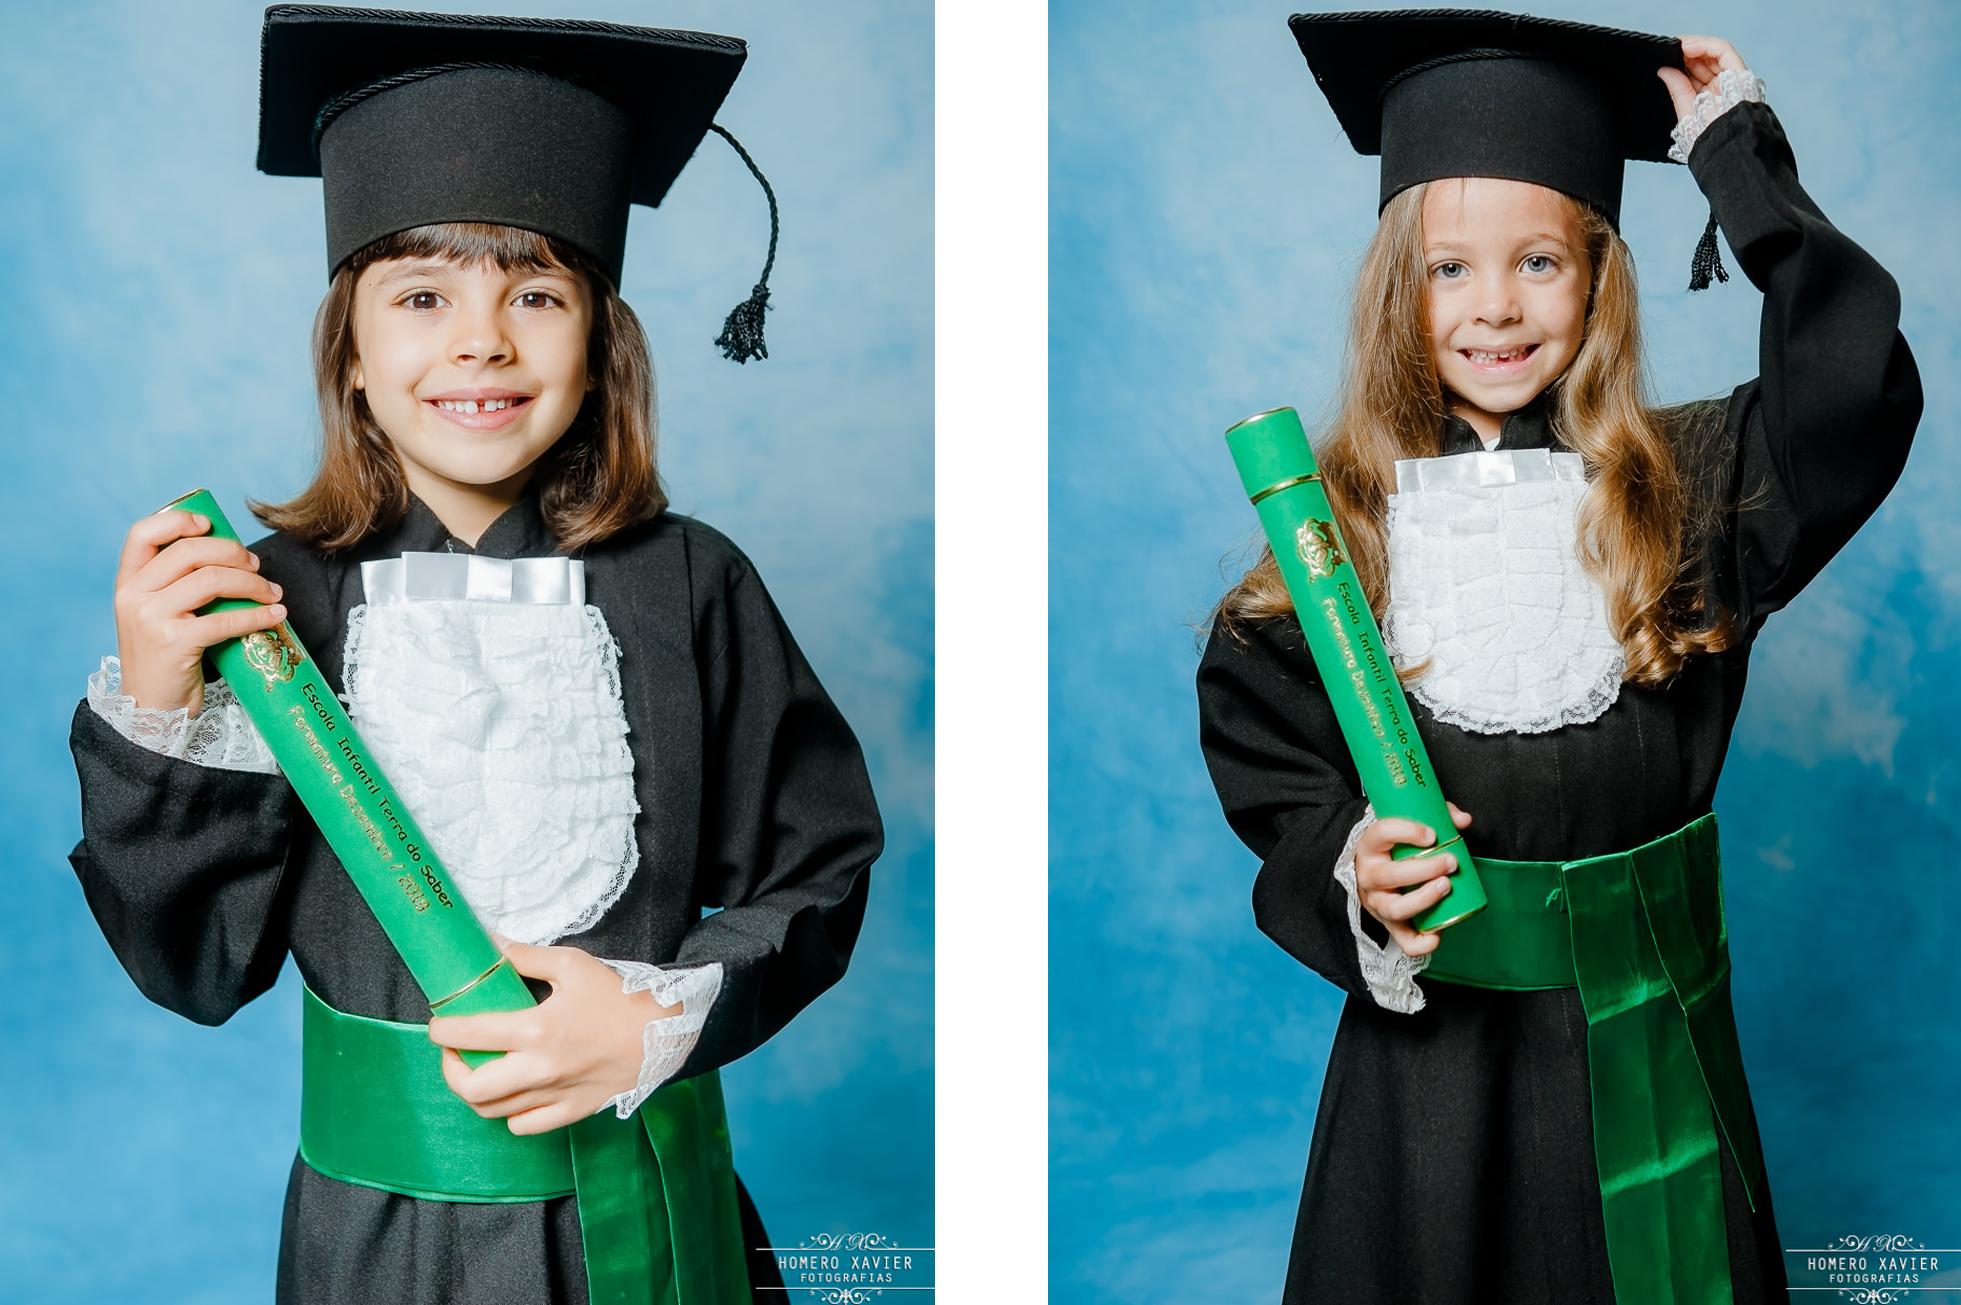 fotografia formatura infantil beca em bh